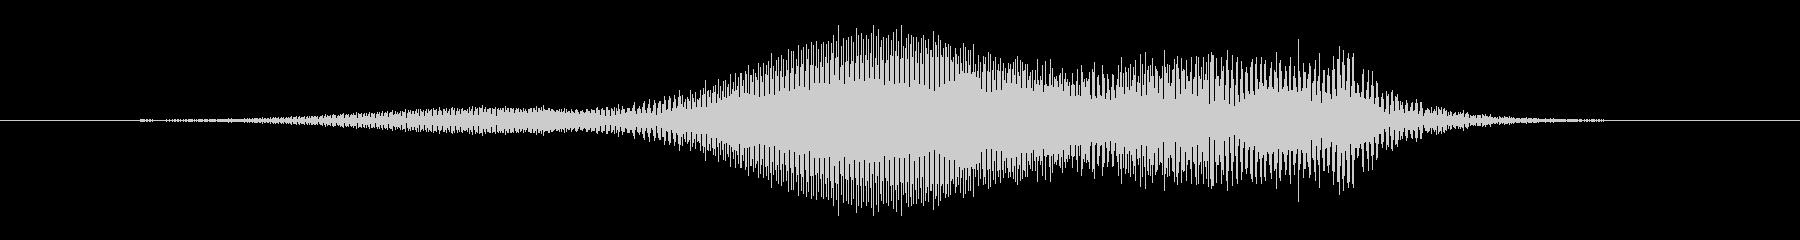 SWELL ノイズシズルショート03の未再生の波形